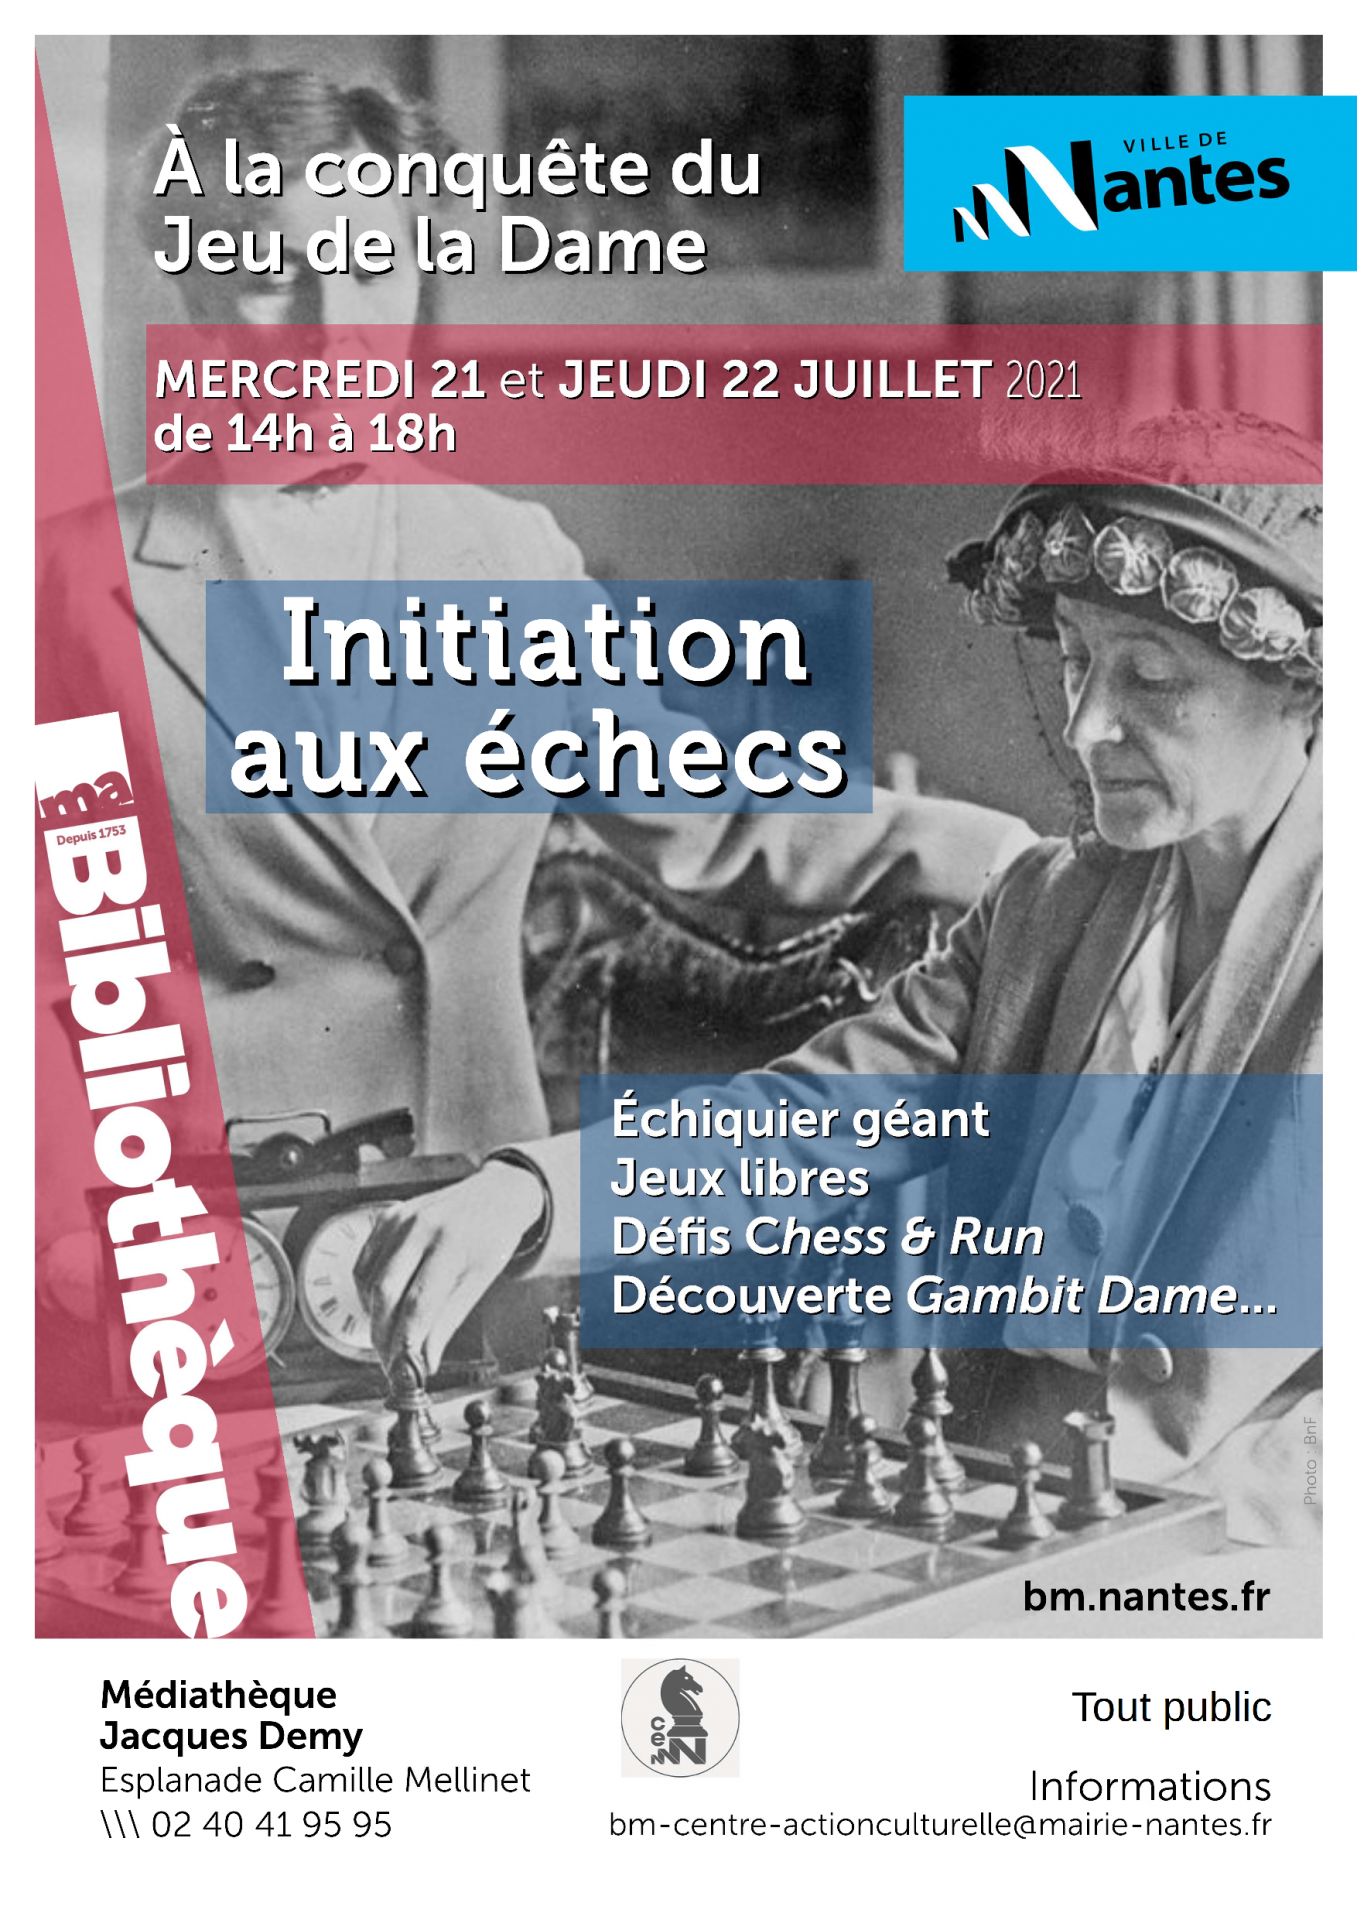 07 21 22juillet initiation aux echecs v2